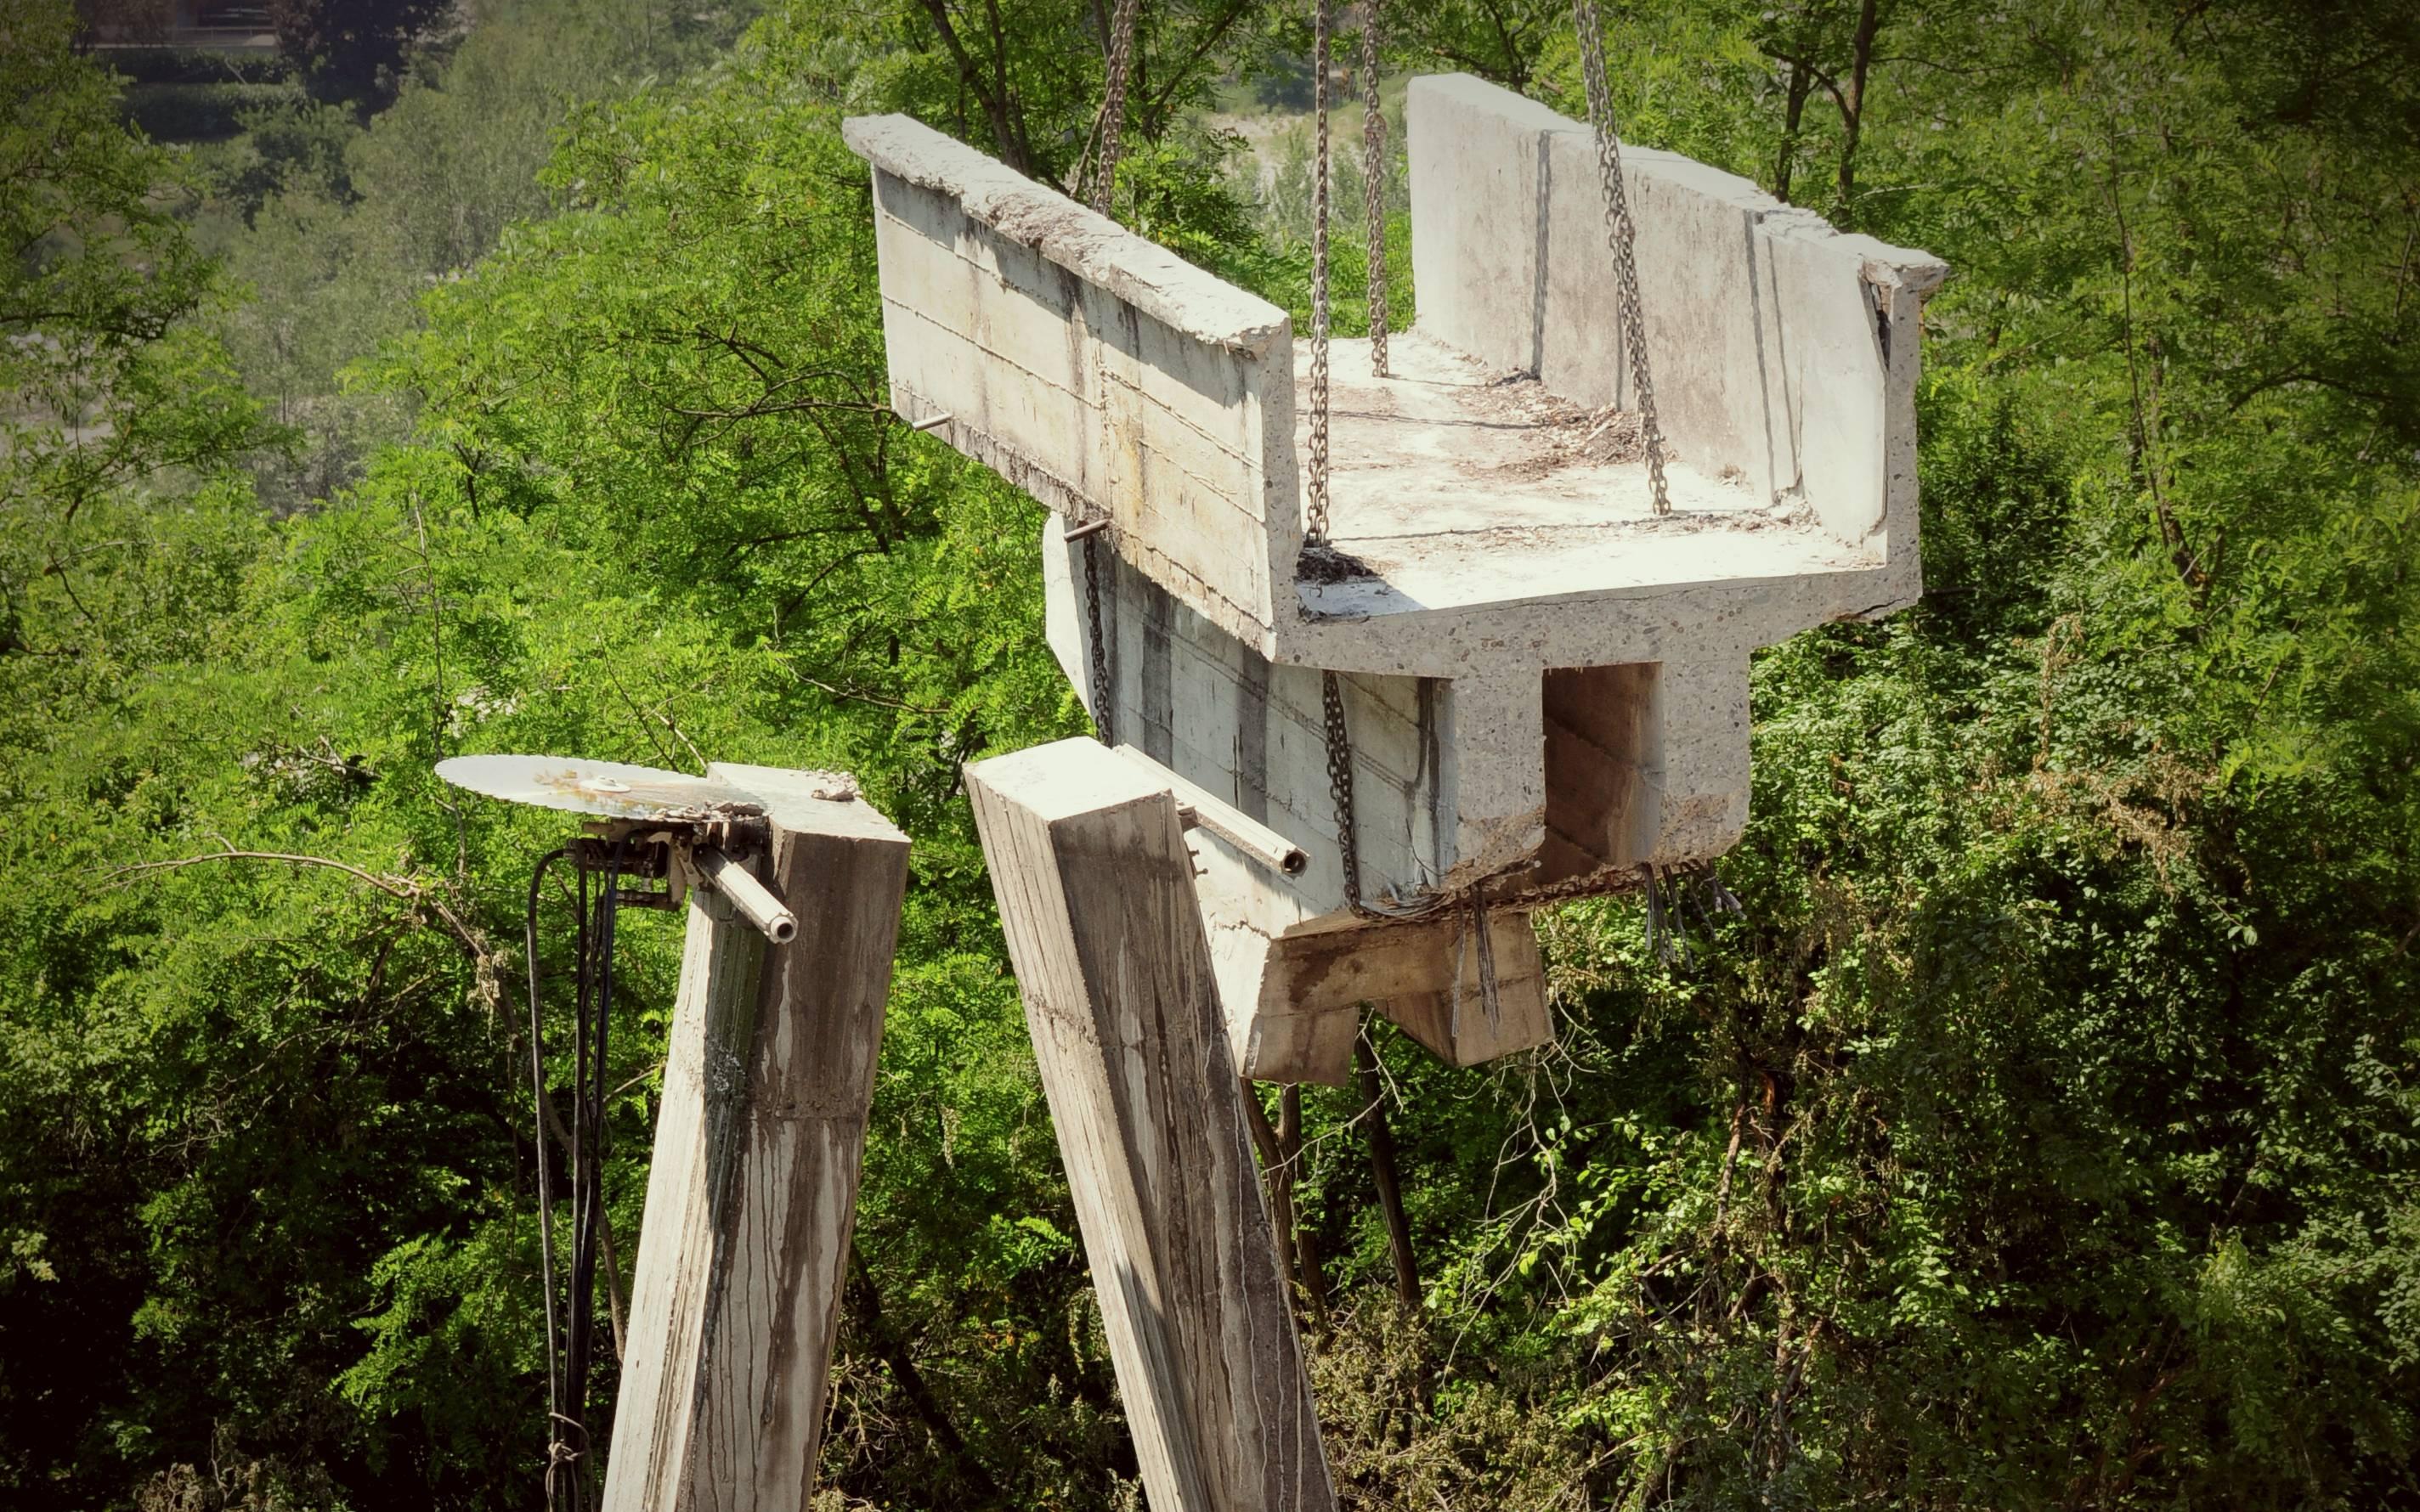 Tirante a vista per la cerchiatura di una torre in sasso - ITON SRL